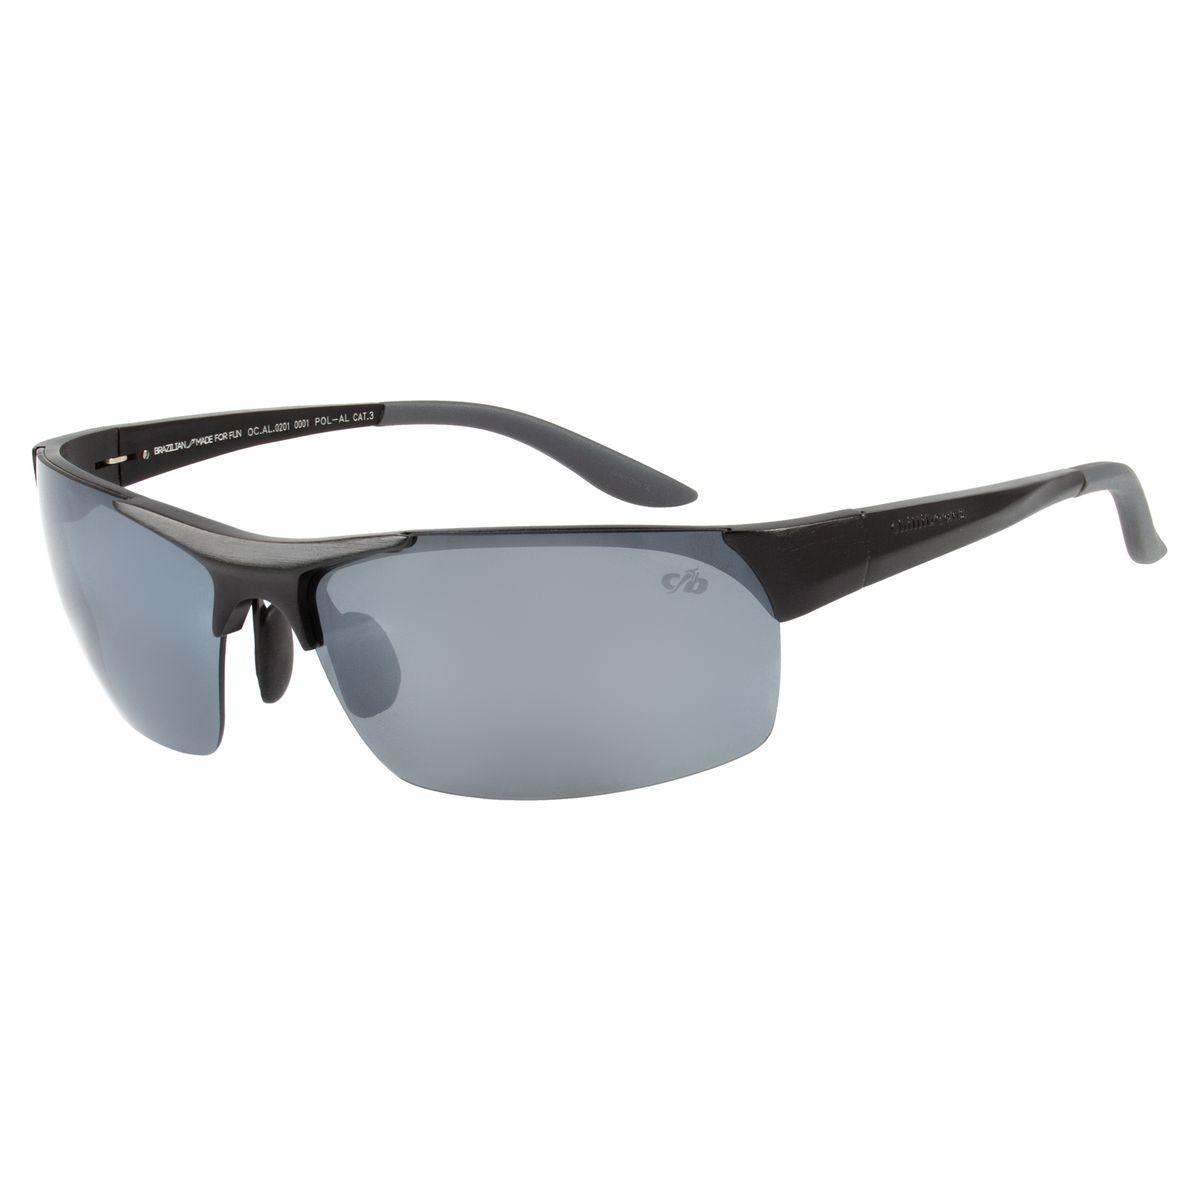 55802e19883b3 Óculos de Sol Masculino Esportivo Chilli Beans Preto 0201 - Chilli Beans